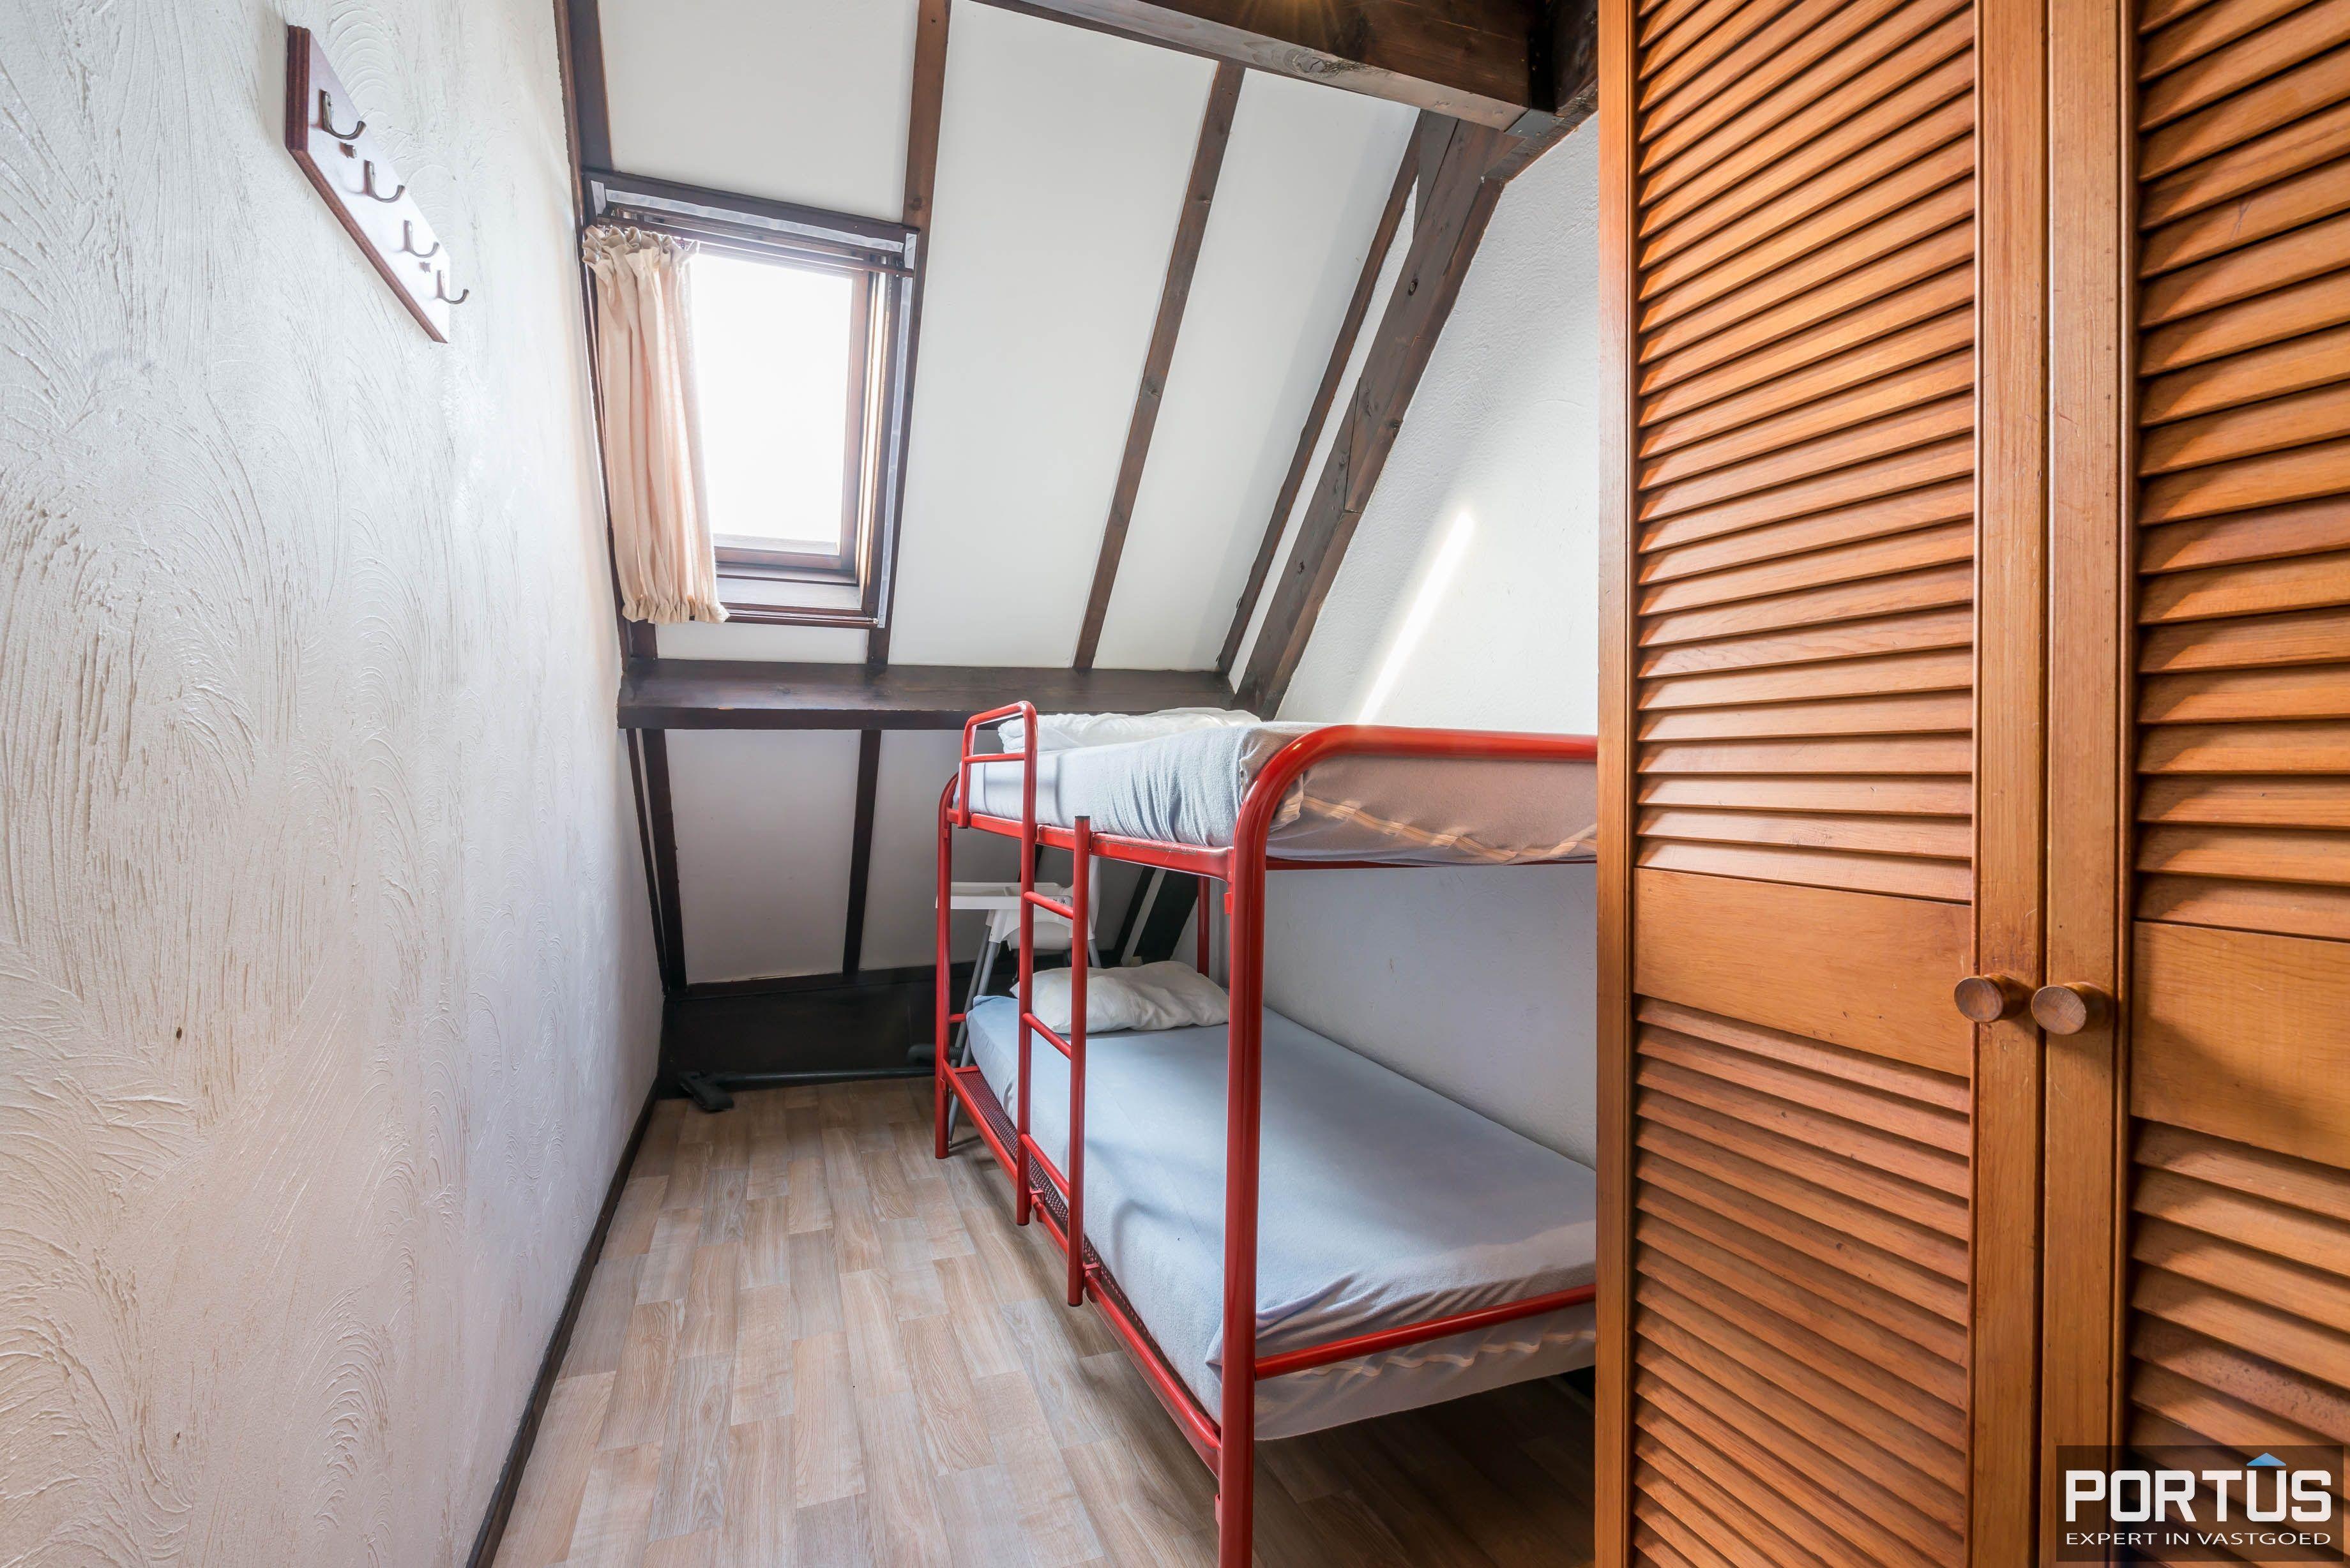 Woning te koop Nieuwpoort 4 slaapkamers en parking - 5585